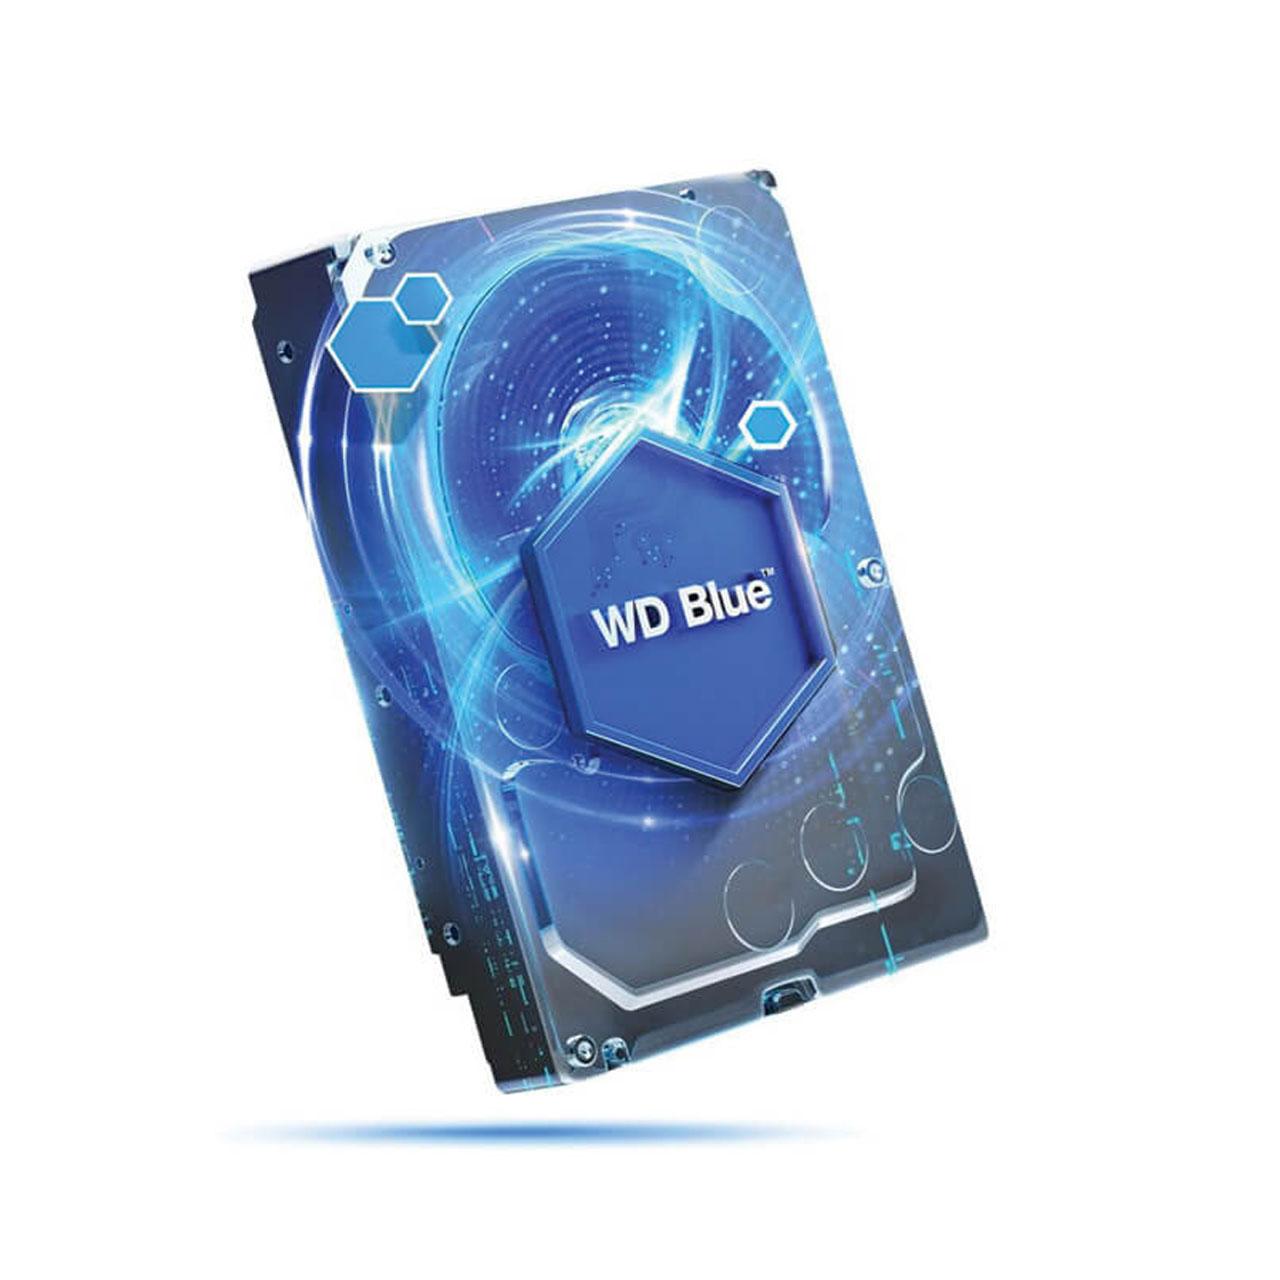 هارد-اینترنال-وسترن-دیجیتال-Blue-ظرفیت-1-ترابایت-22گارانتی-2ساله-33اصلی